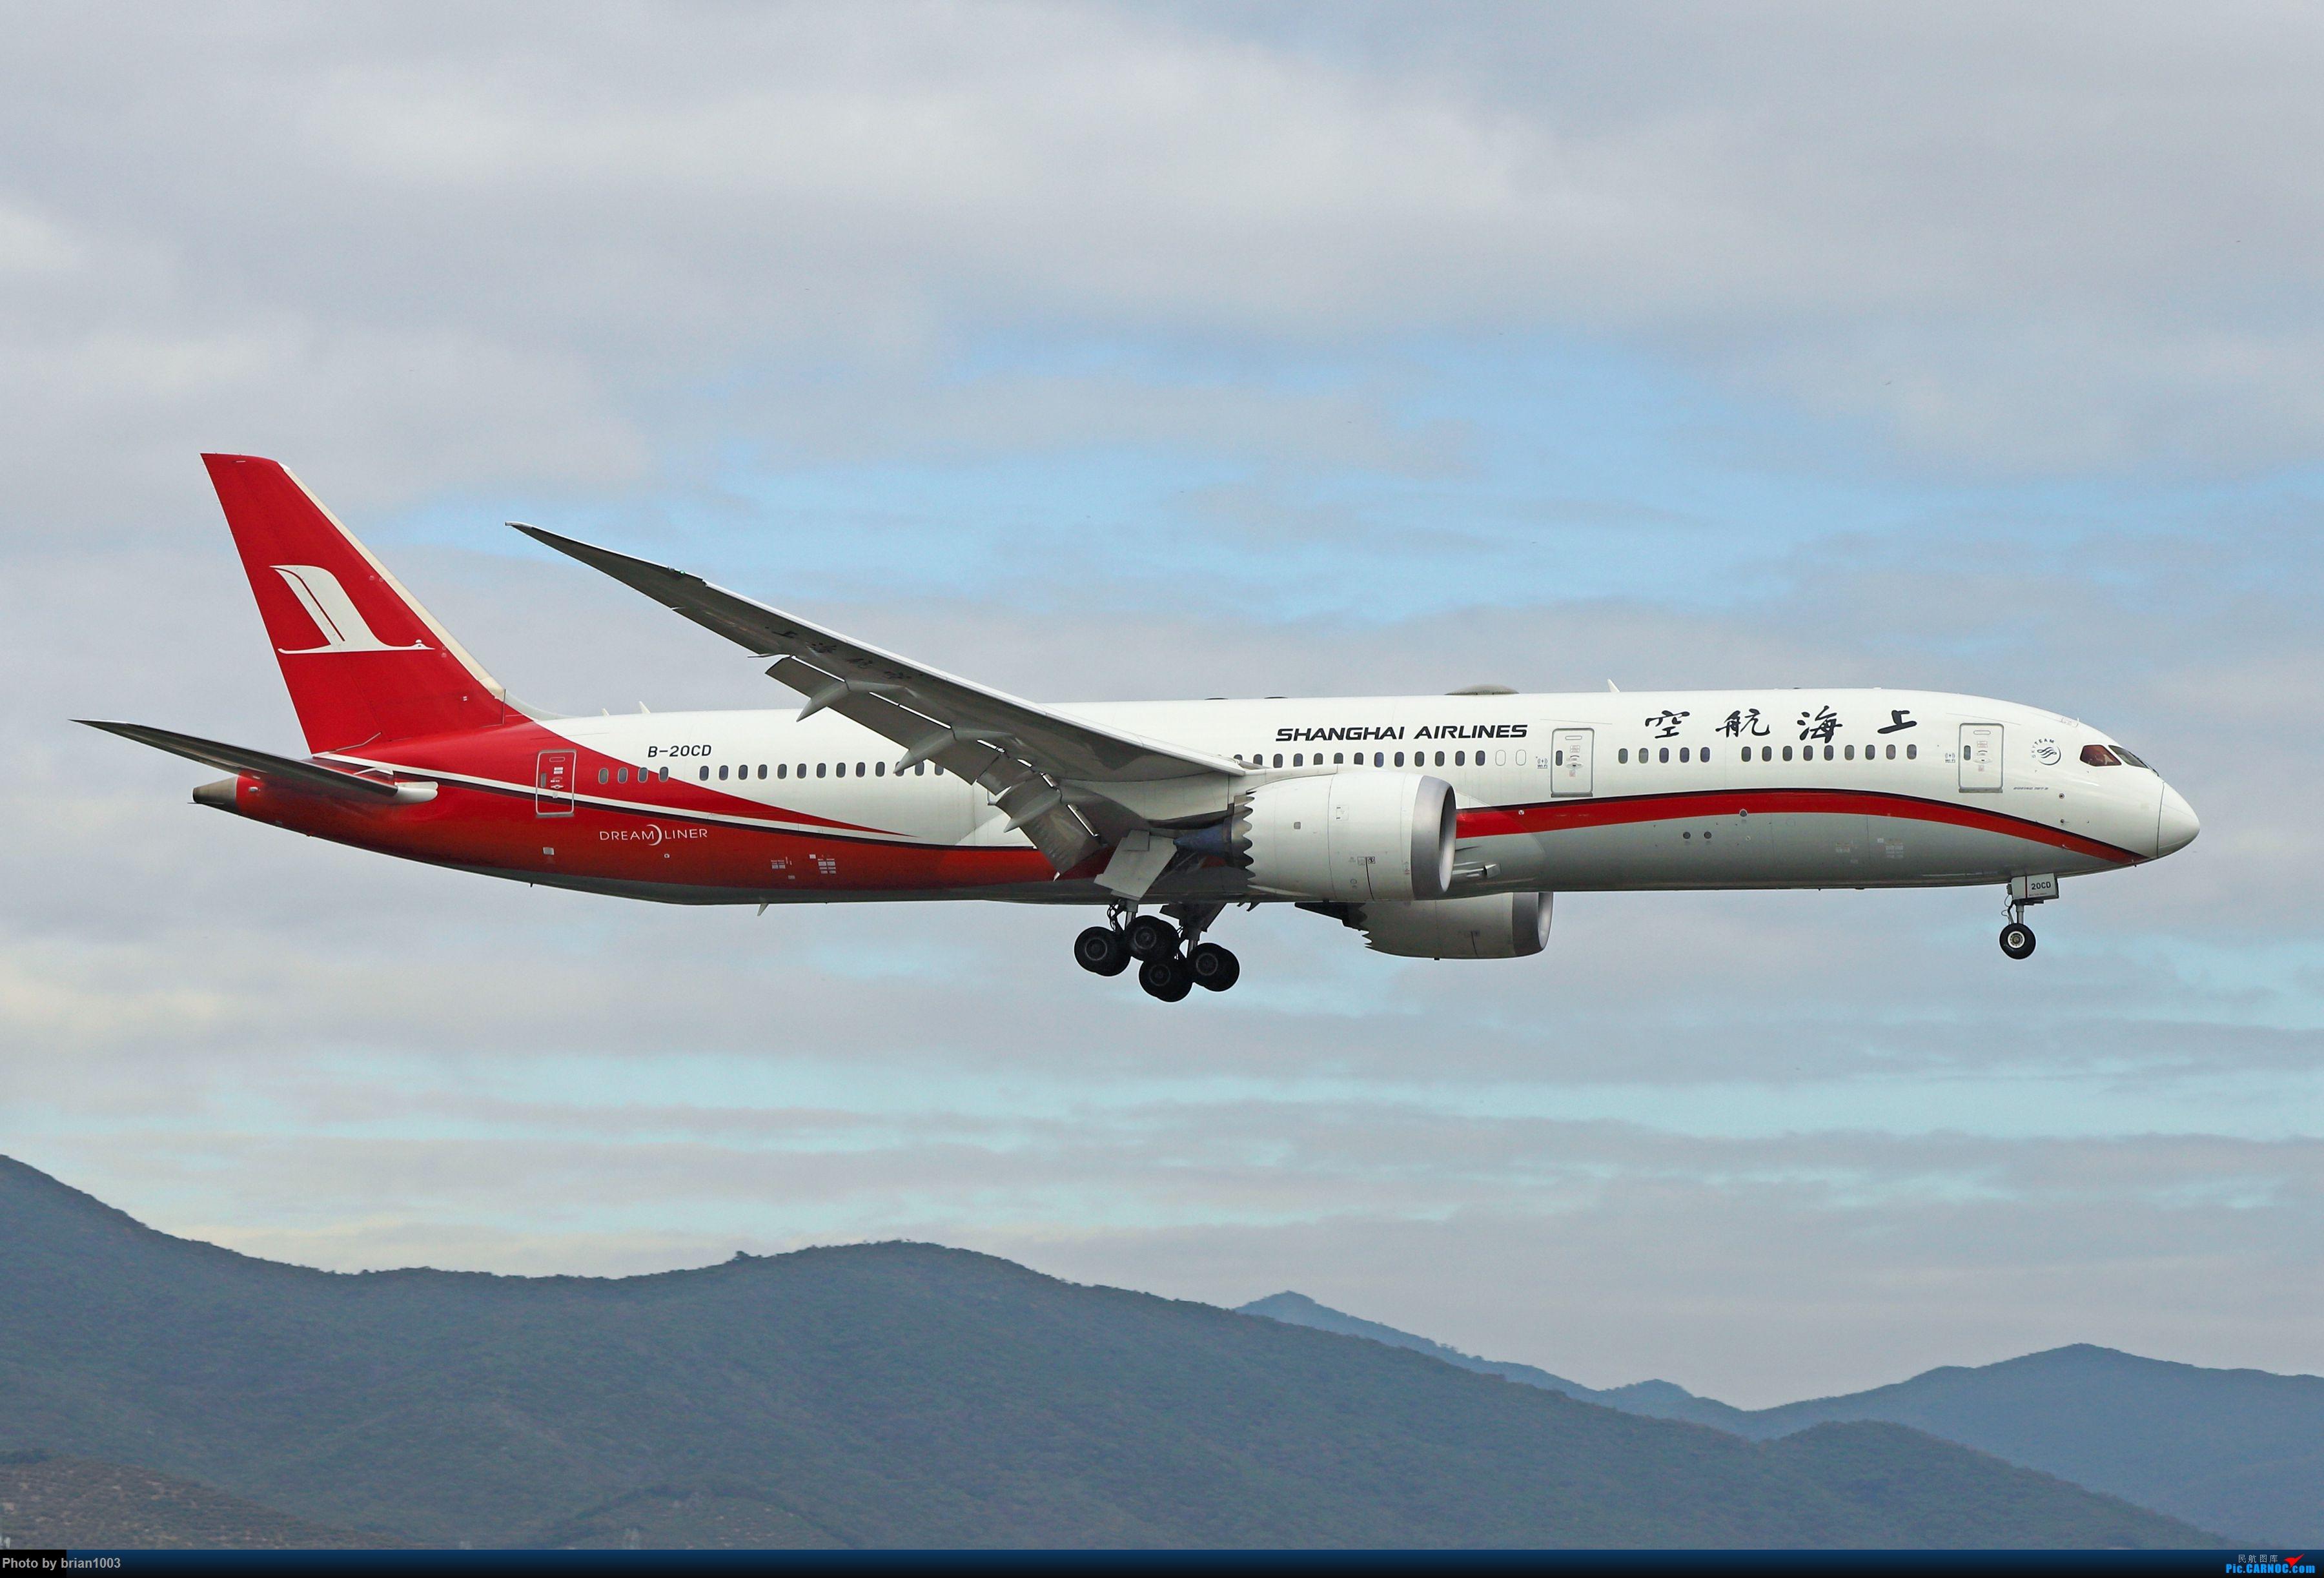 Re:[原创]CZ3347-CZ6734-HU7659,忙里偷闲的三亚拍机之行 BOEING 787-9 B-20CD 中国三亚凤凰国际机场